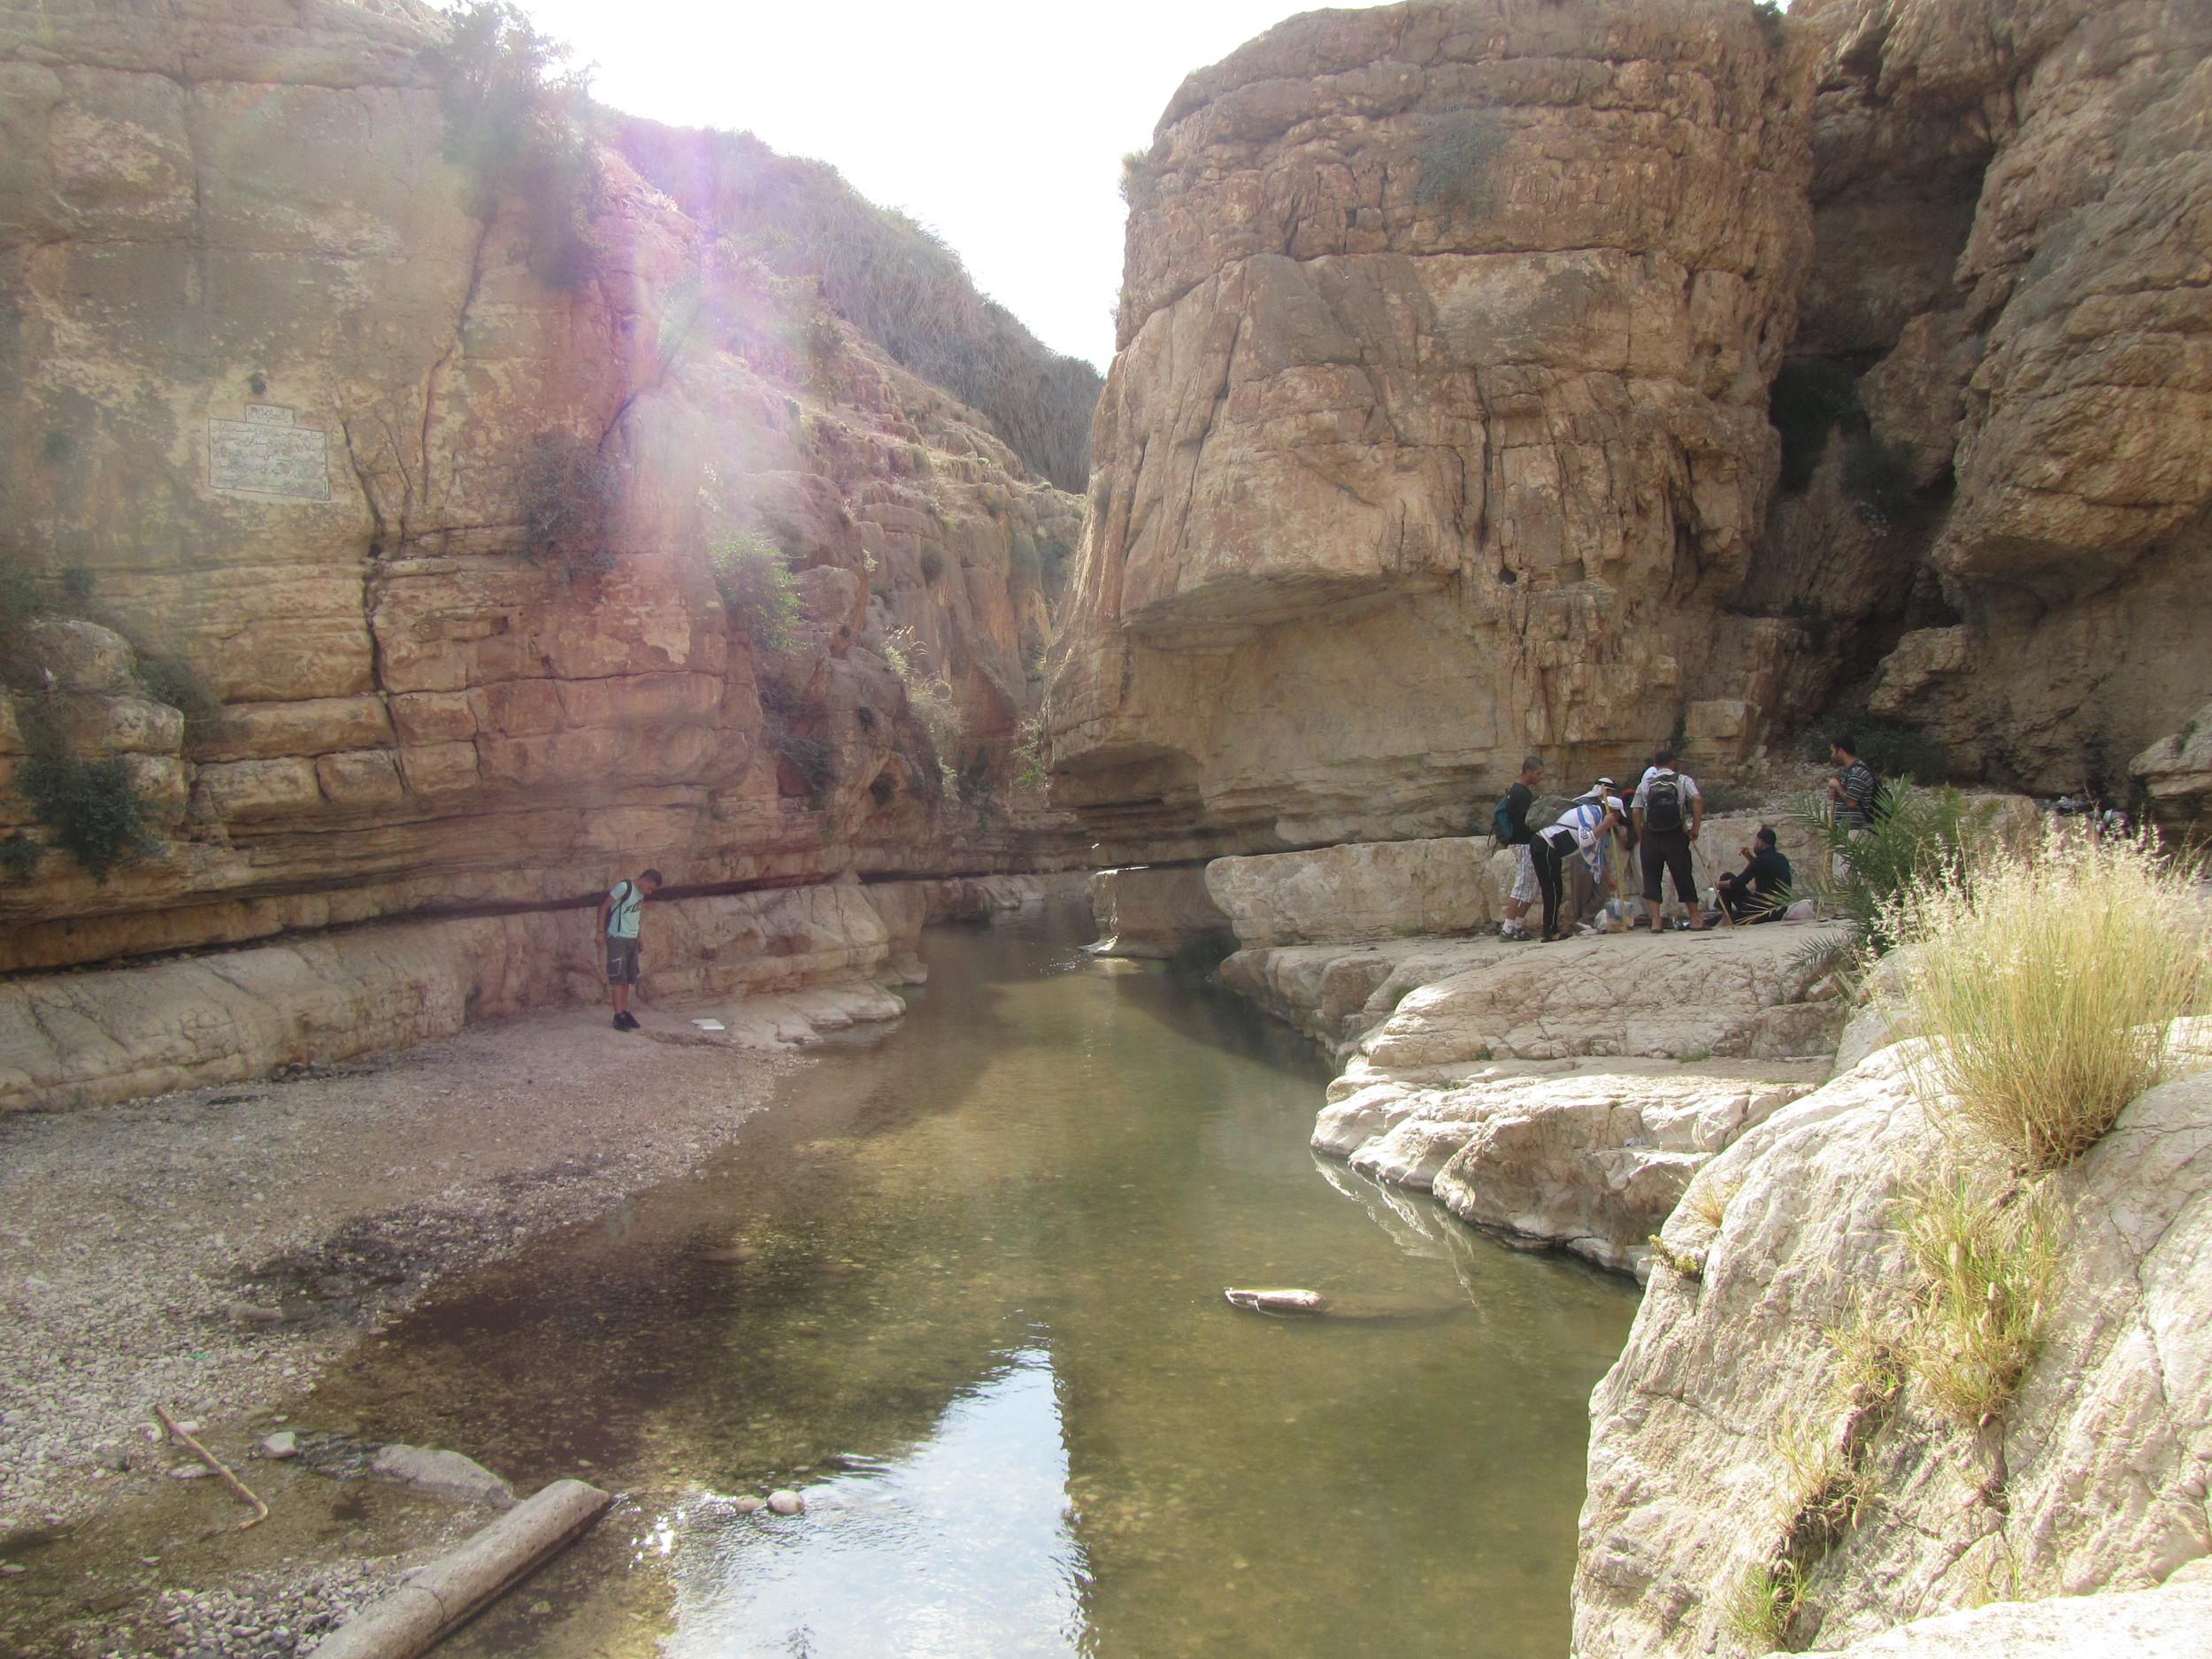 The Spring in Wadi Kelt